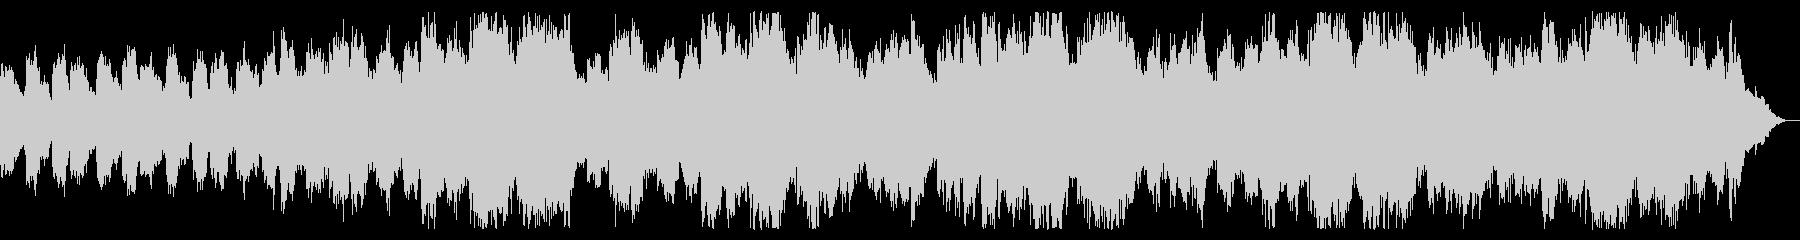 恐怖の領域 ダークなシーンの演出の未再生の波形